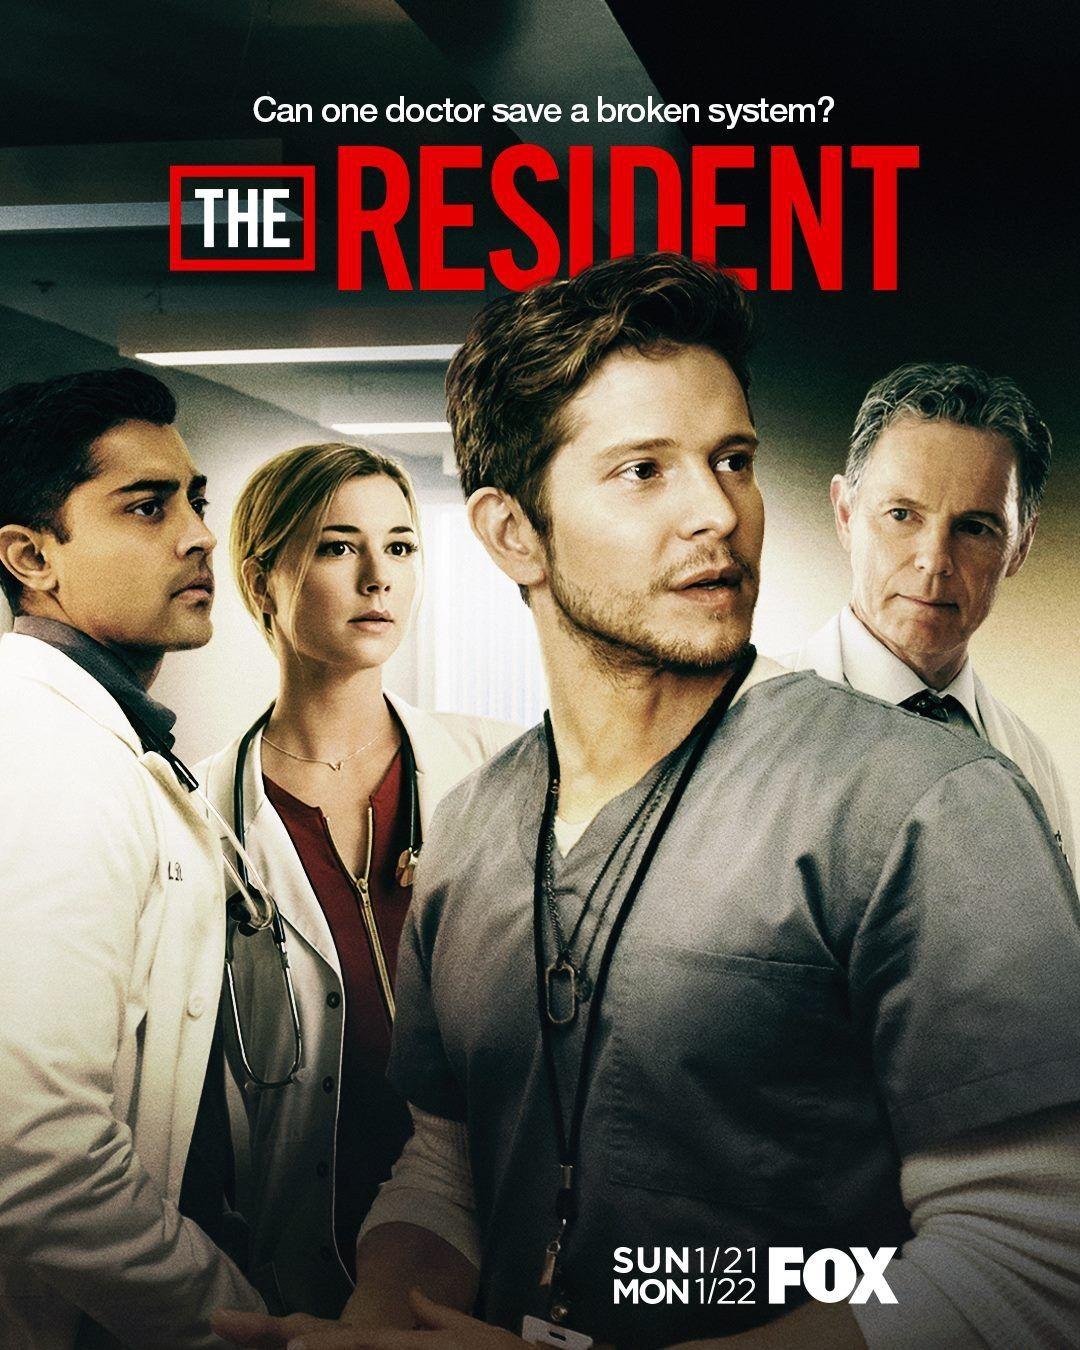 The Resident Season 1 Episode 9 (S01E09) in 2018 | T.V. Shows I Love ...